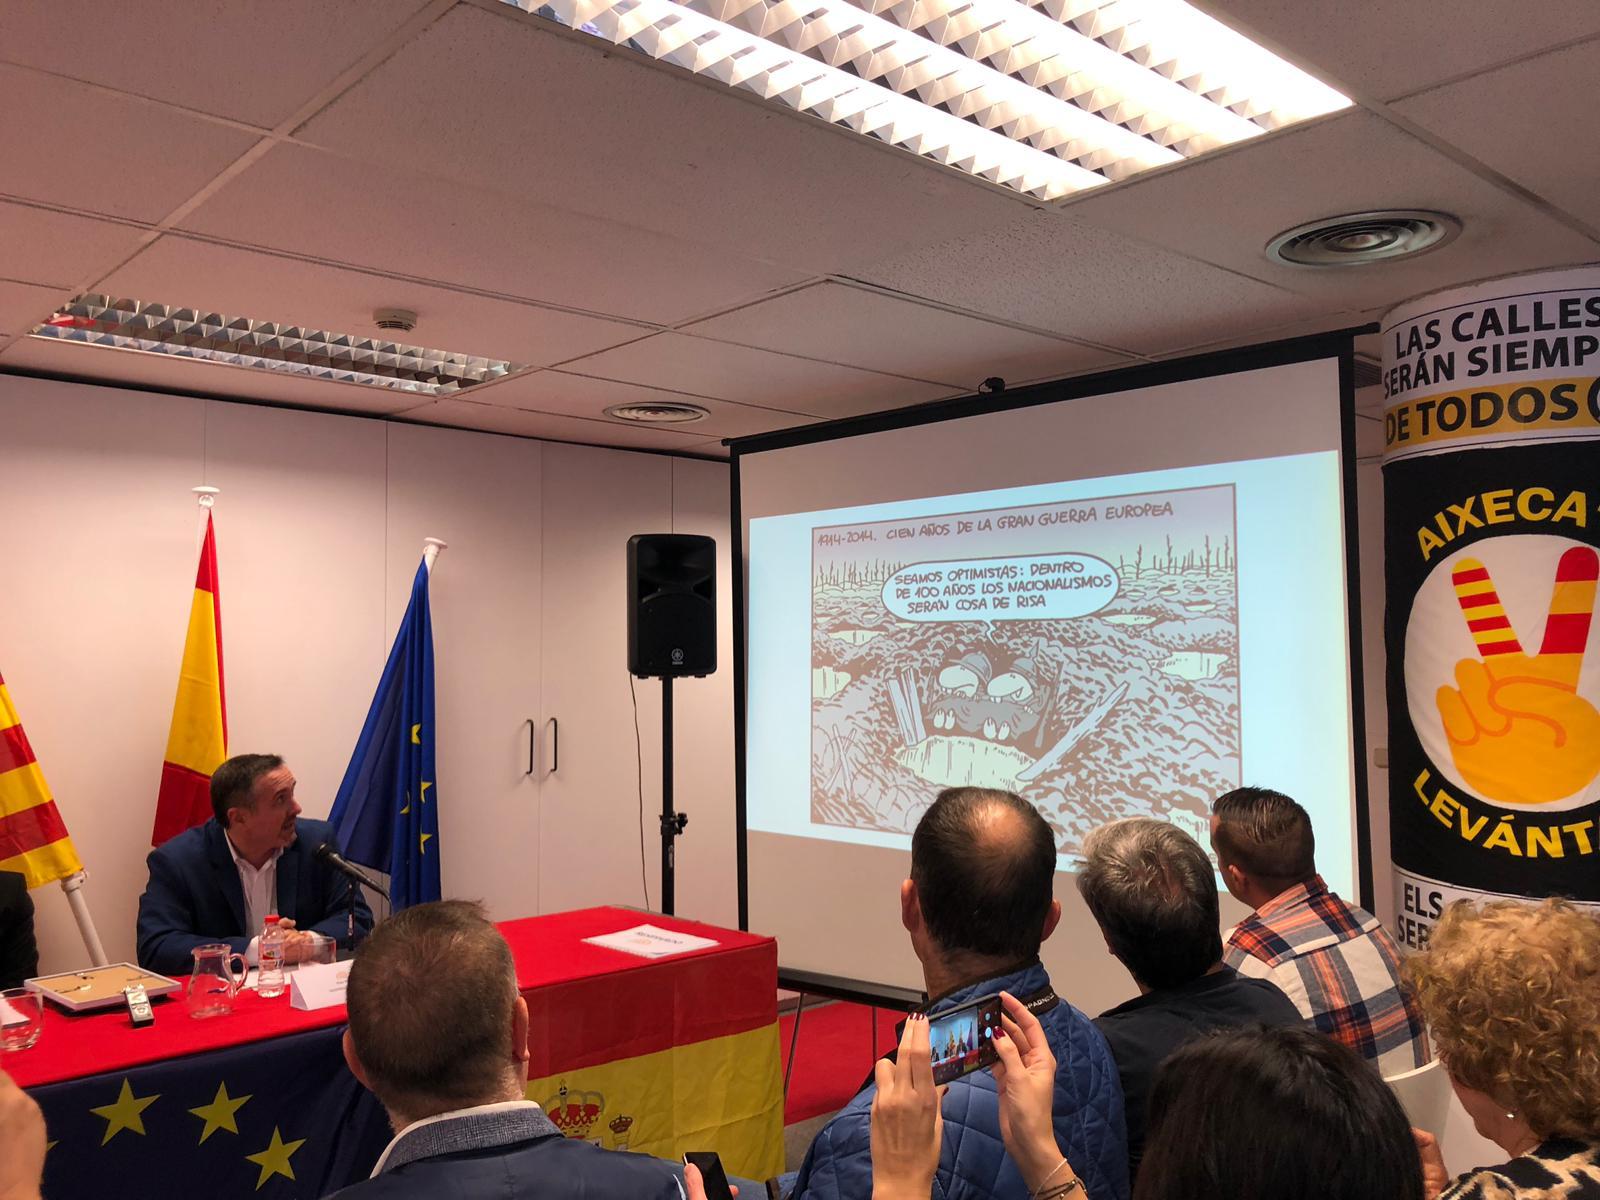 Acto de presentación de la Asamblea Nacional Española